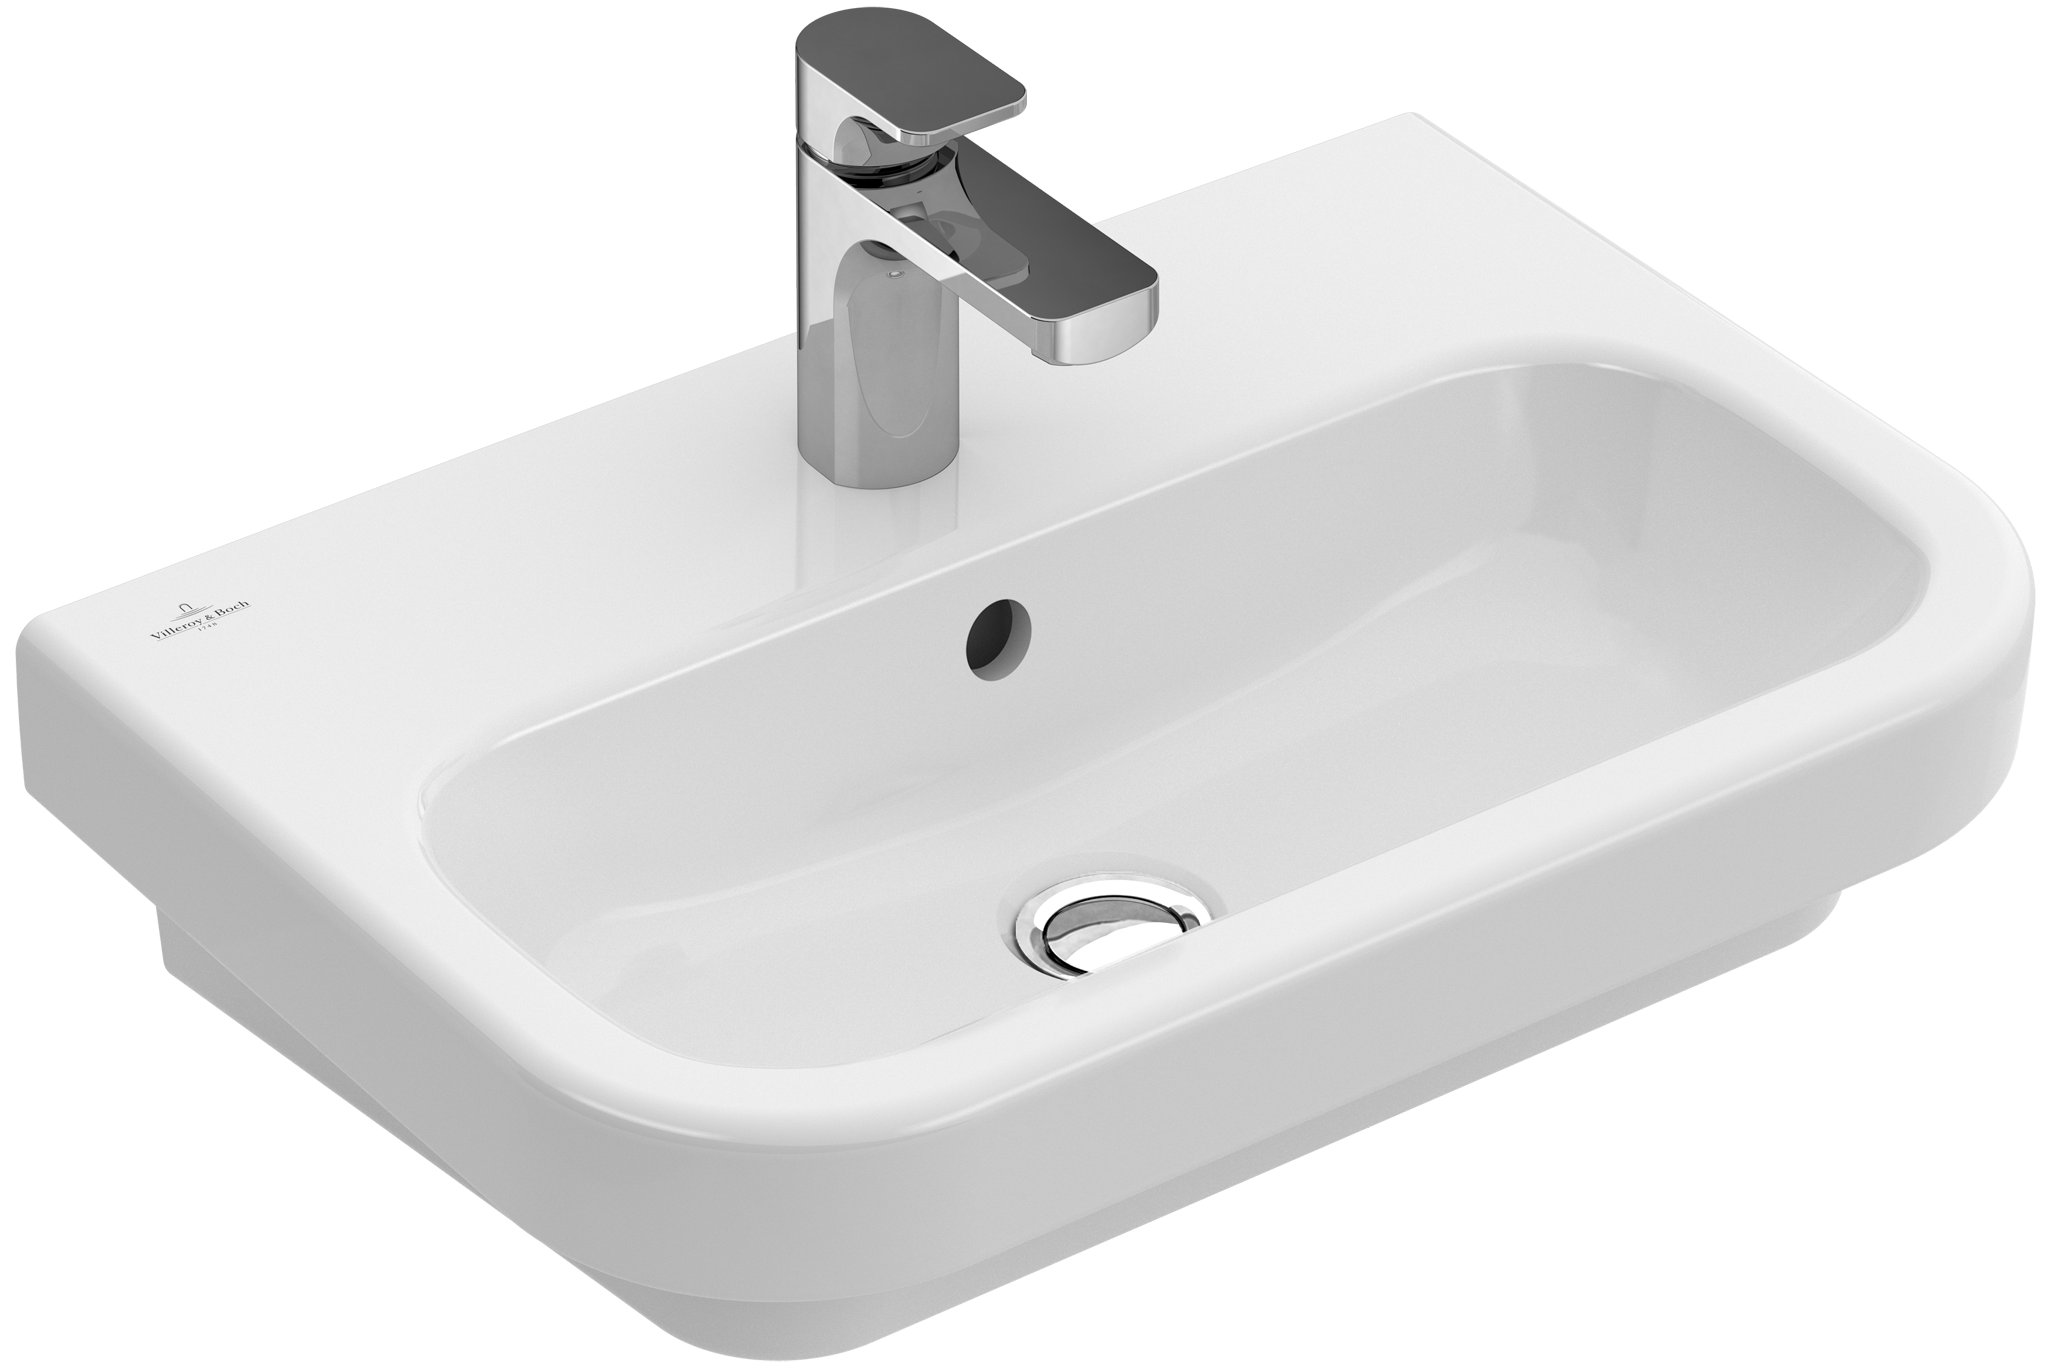 villeroy und boch architectura waschbecken al28 kyushucon. Black Bedroom Furniture Sets. Home Design Ideas